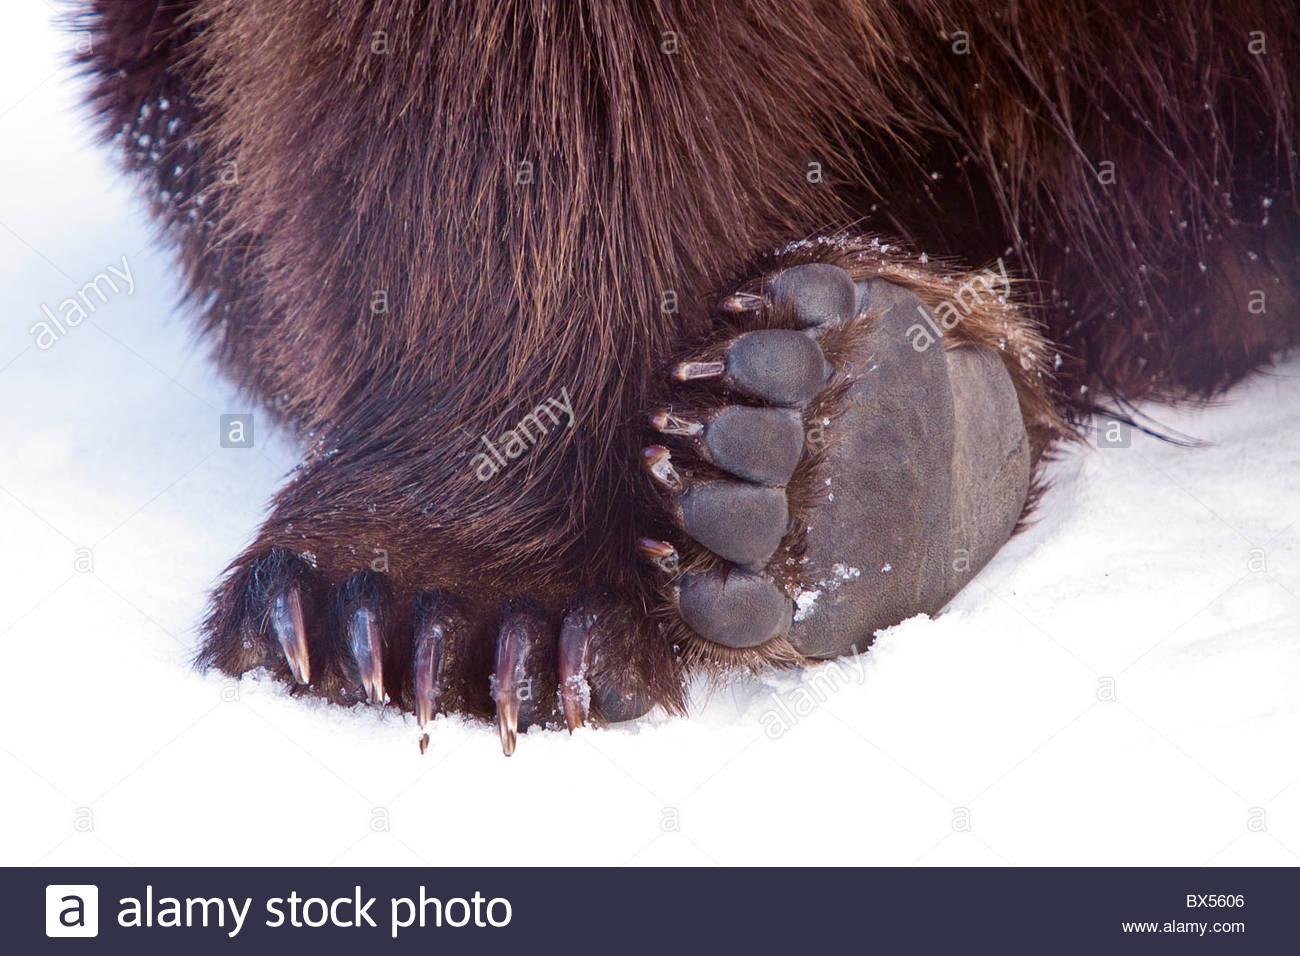 Pies y almohadillas de Grizzly Bear en AWCC, Centro de Conservación de la vida silvestre de Alaska Imagen De Stock